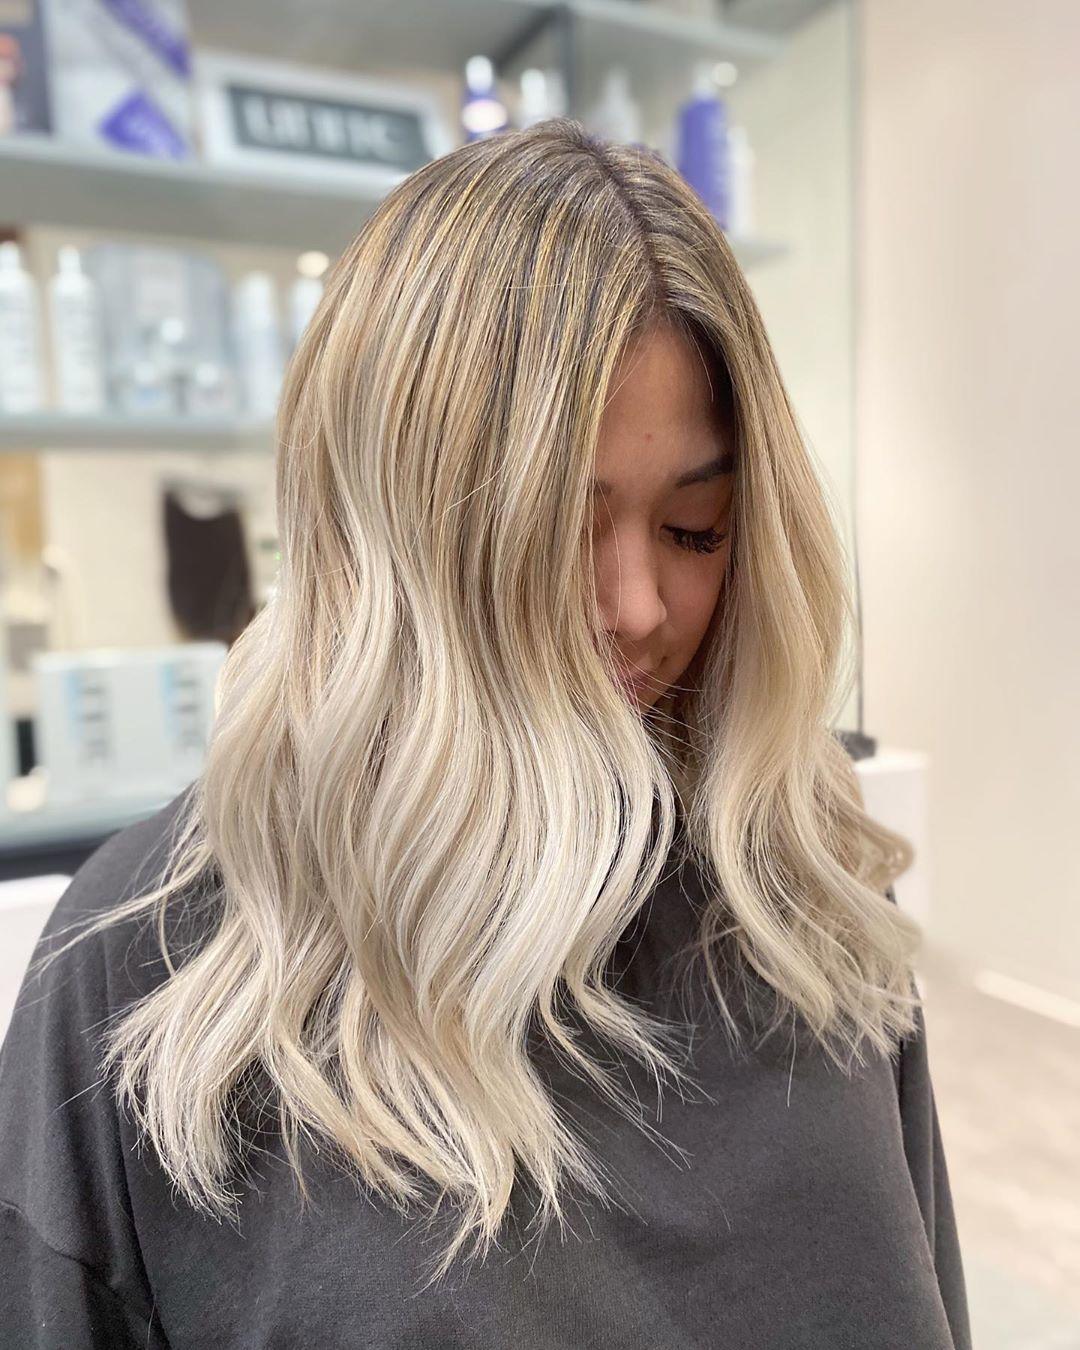 Femme aux cheveux blonds mi-longs ondulés de couleur beige